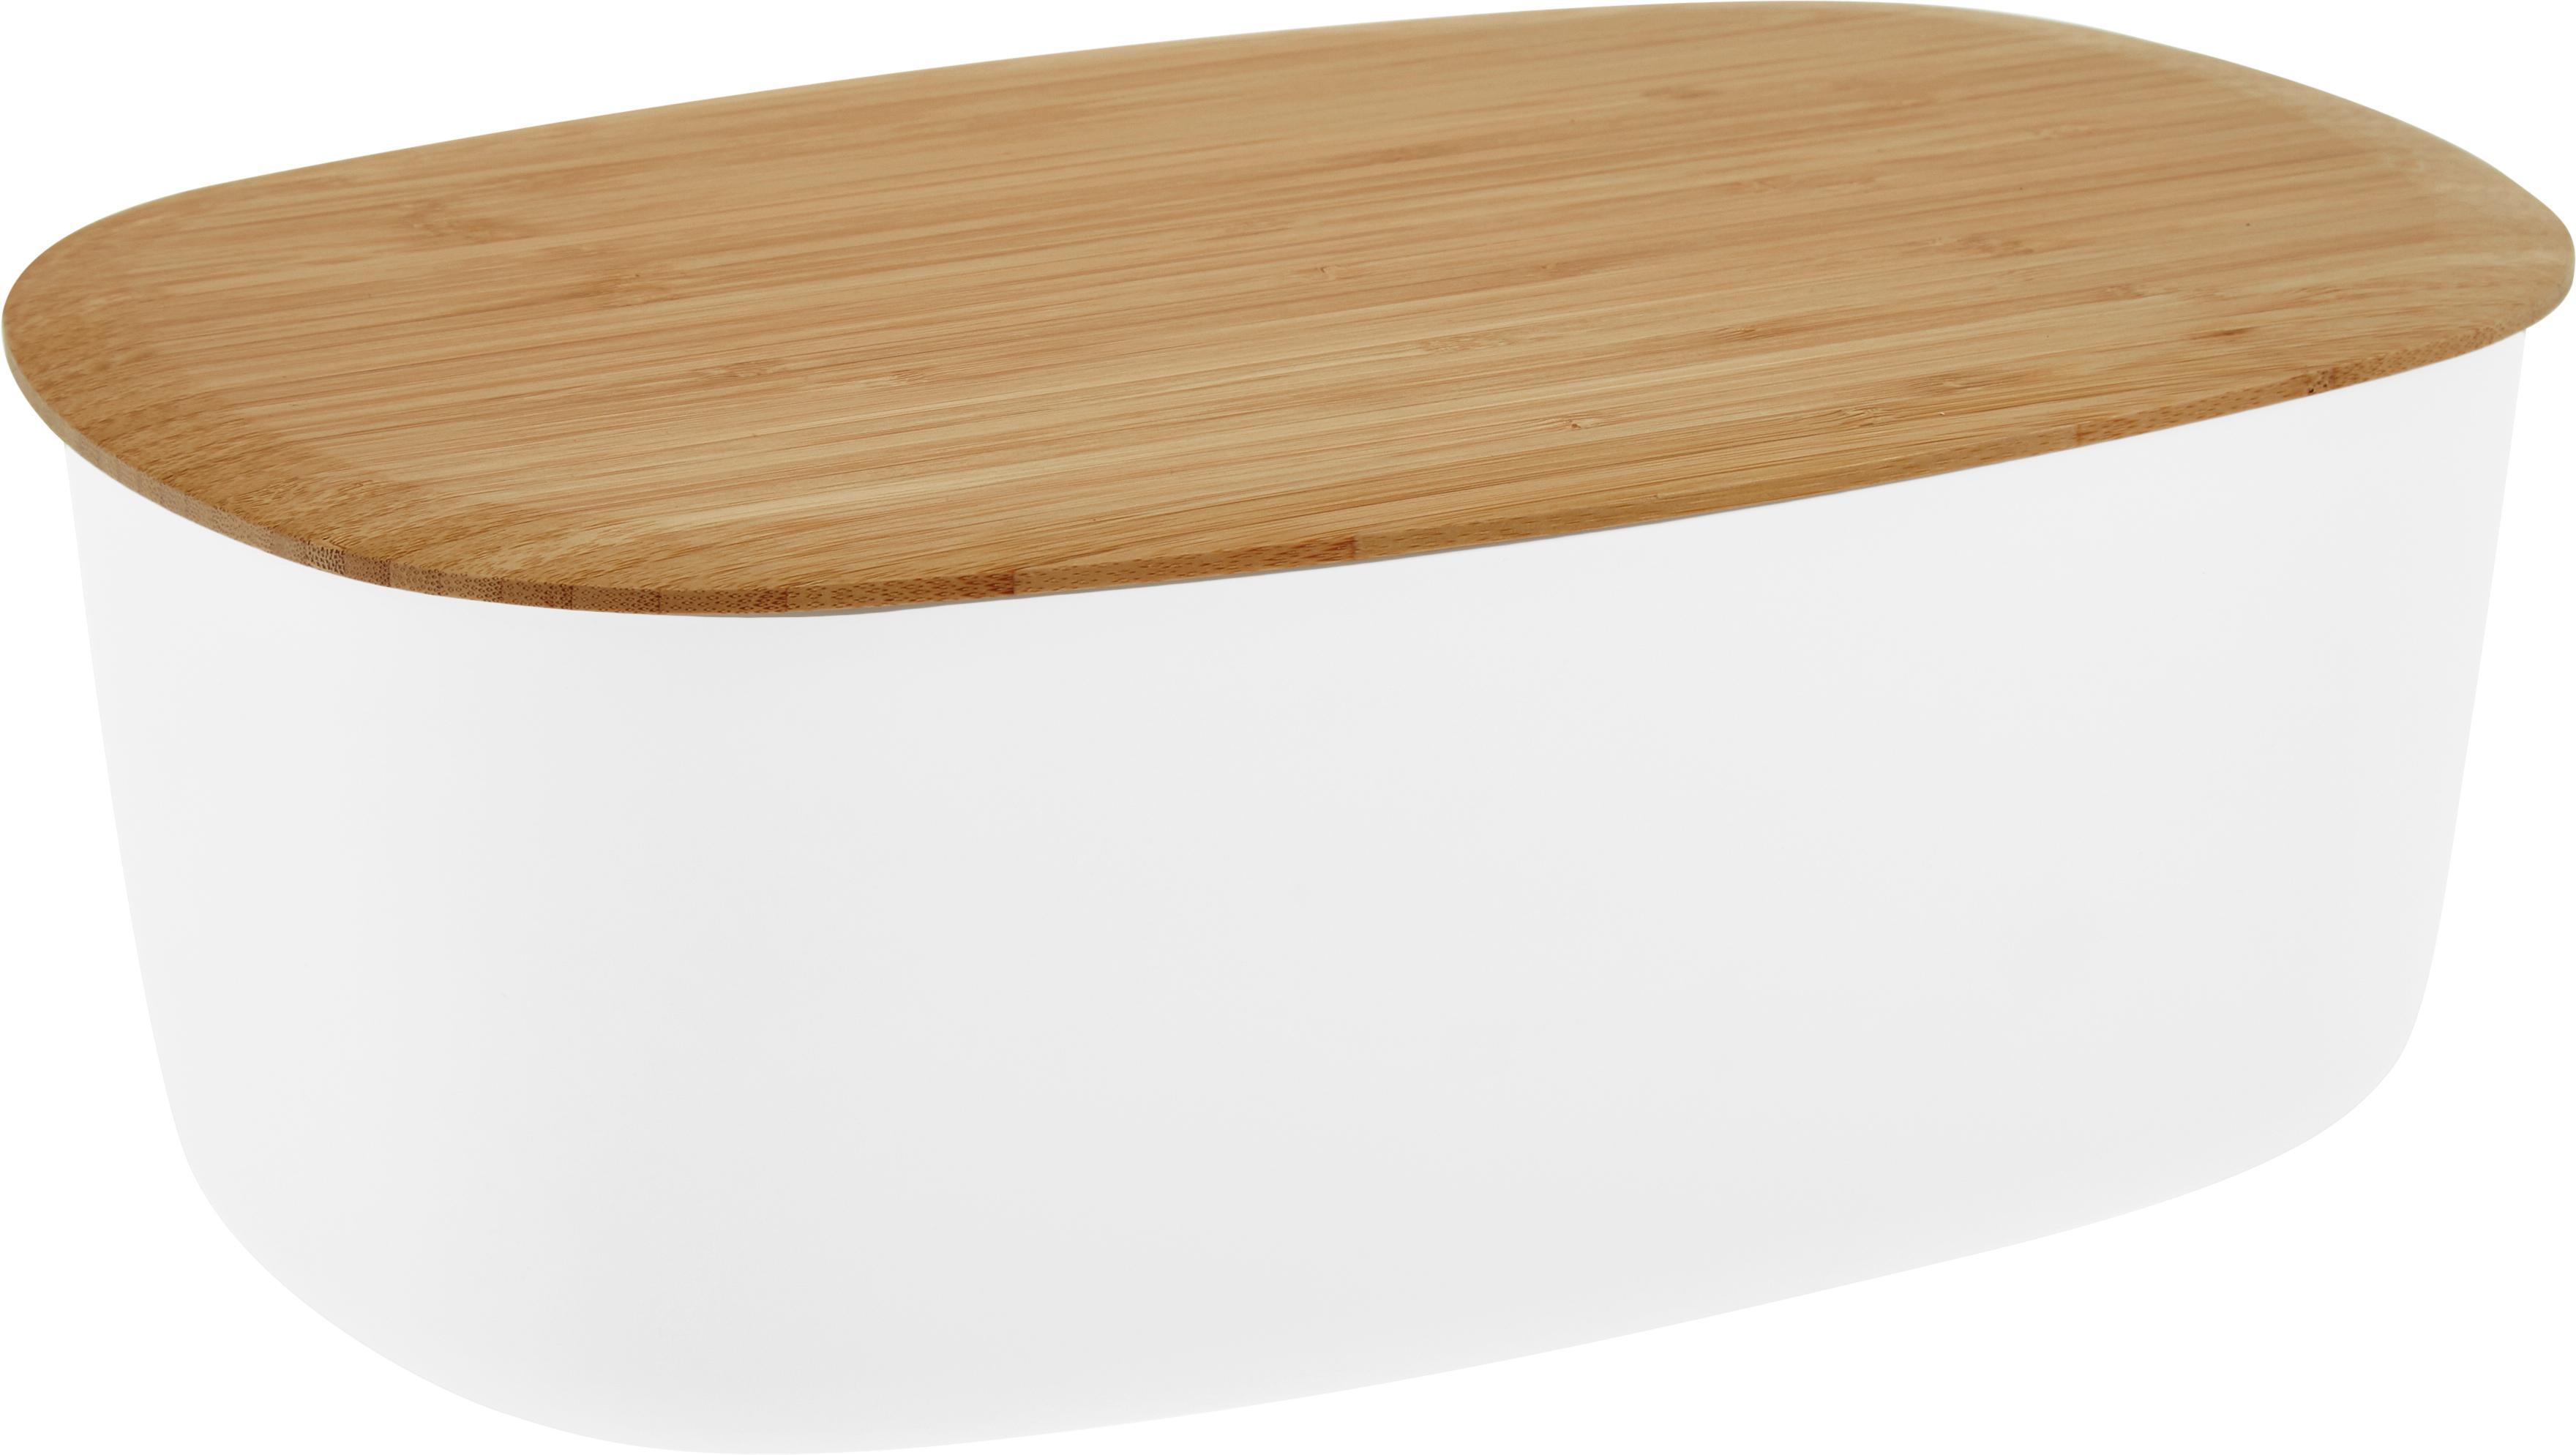 Designer Brotkasten Box-It mit Bambusdeckel, Melamin, Bambus, Dose: Weiß<br>Deckel: Braun, 35 x 12 cm